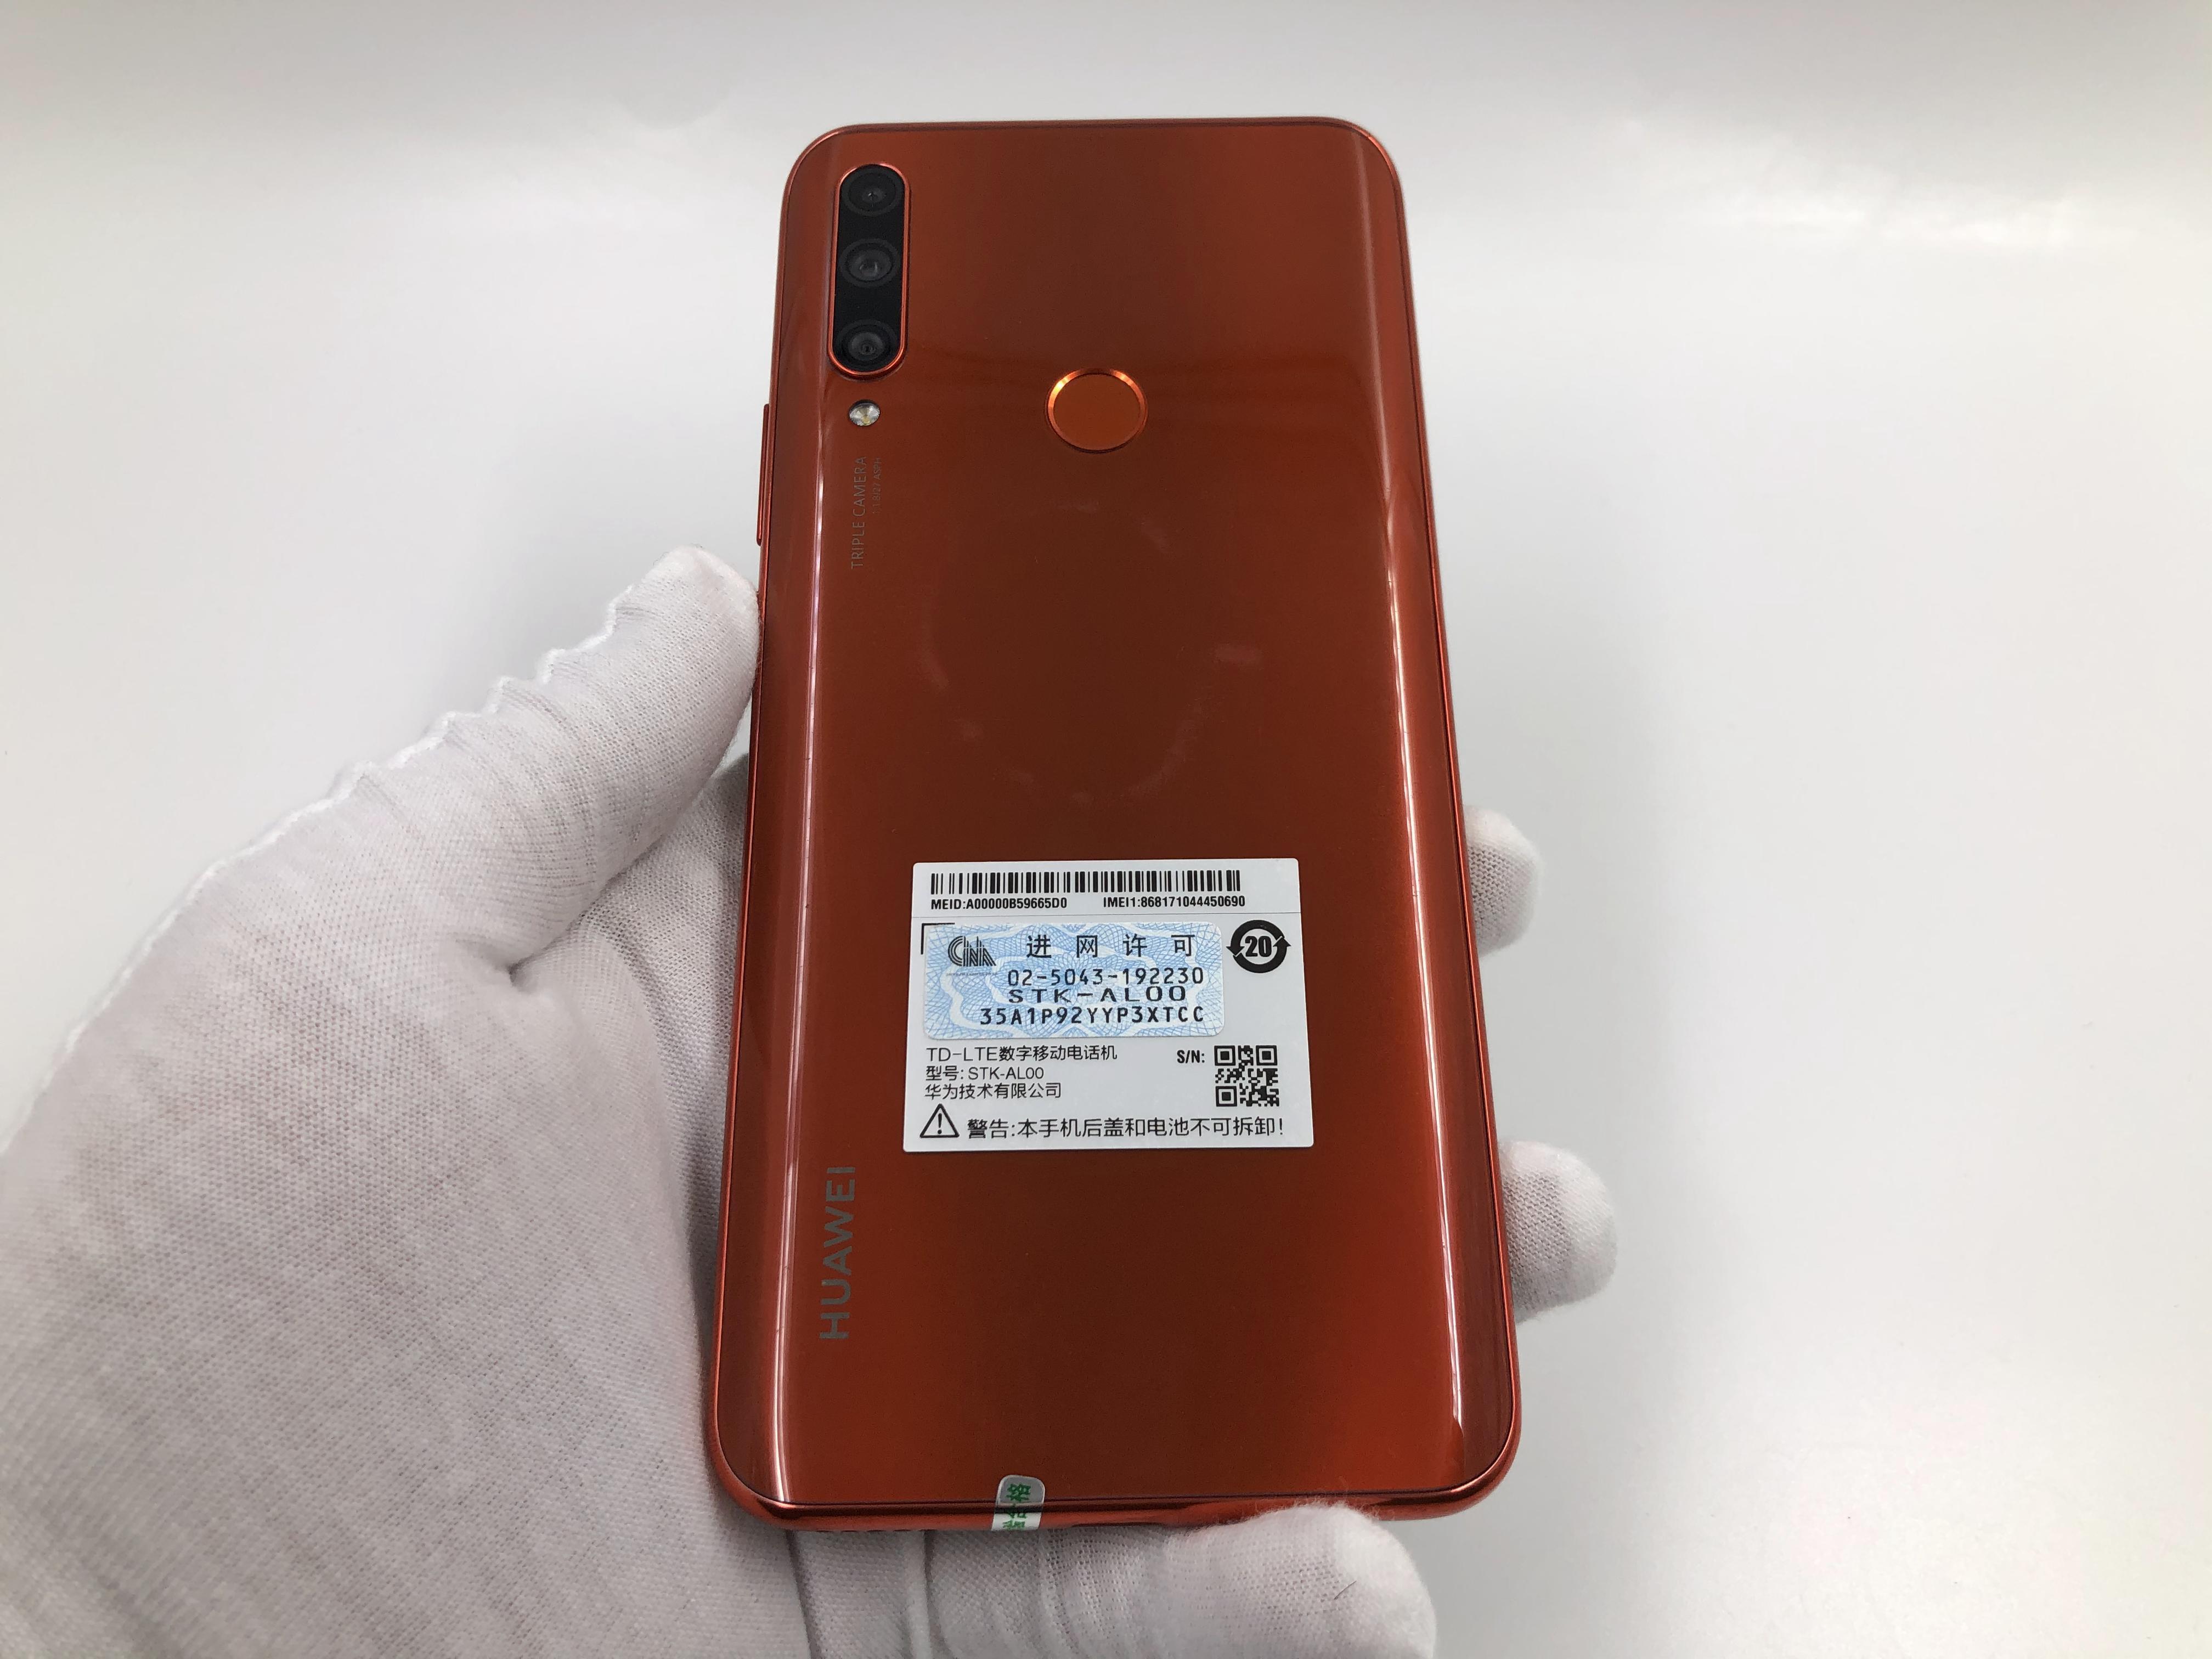 华为【畅享 10 Plus】4G全网通 赤茶橘 6G/128G 国行 9成新 真机实拍